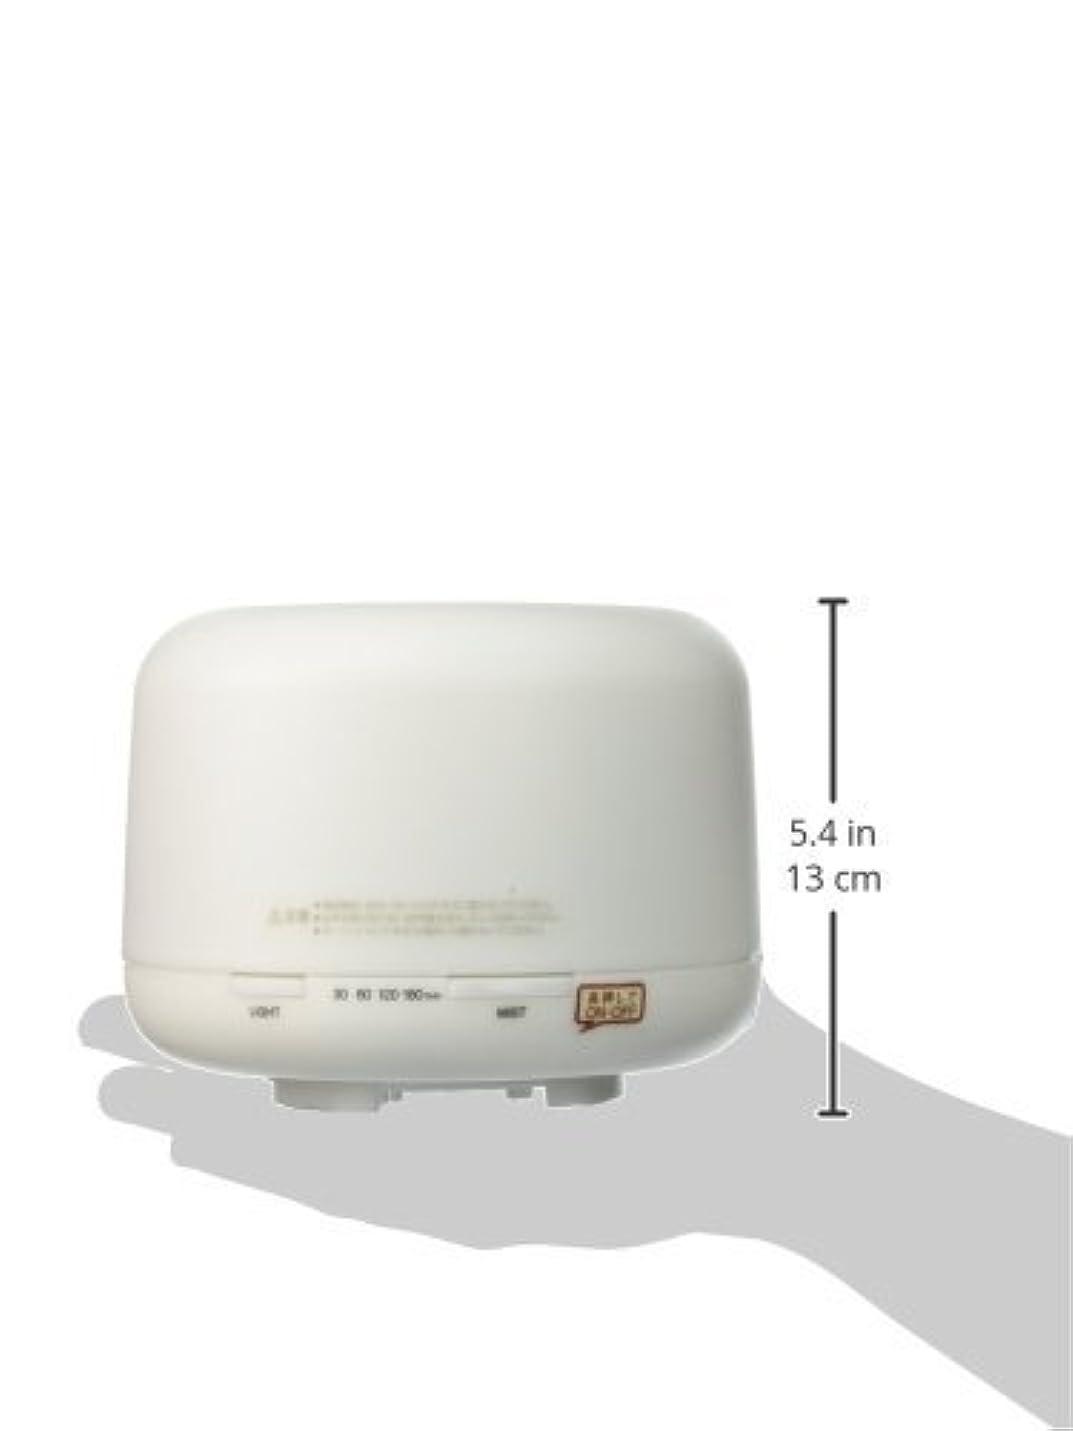 介入するマチュピチュカスタム【無印良品】 超音波うるおいアロマディフューザー HAD-001-JPW